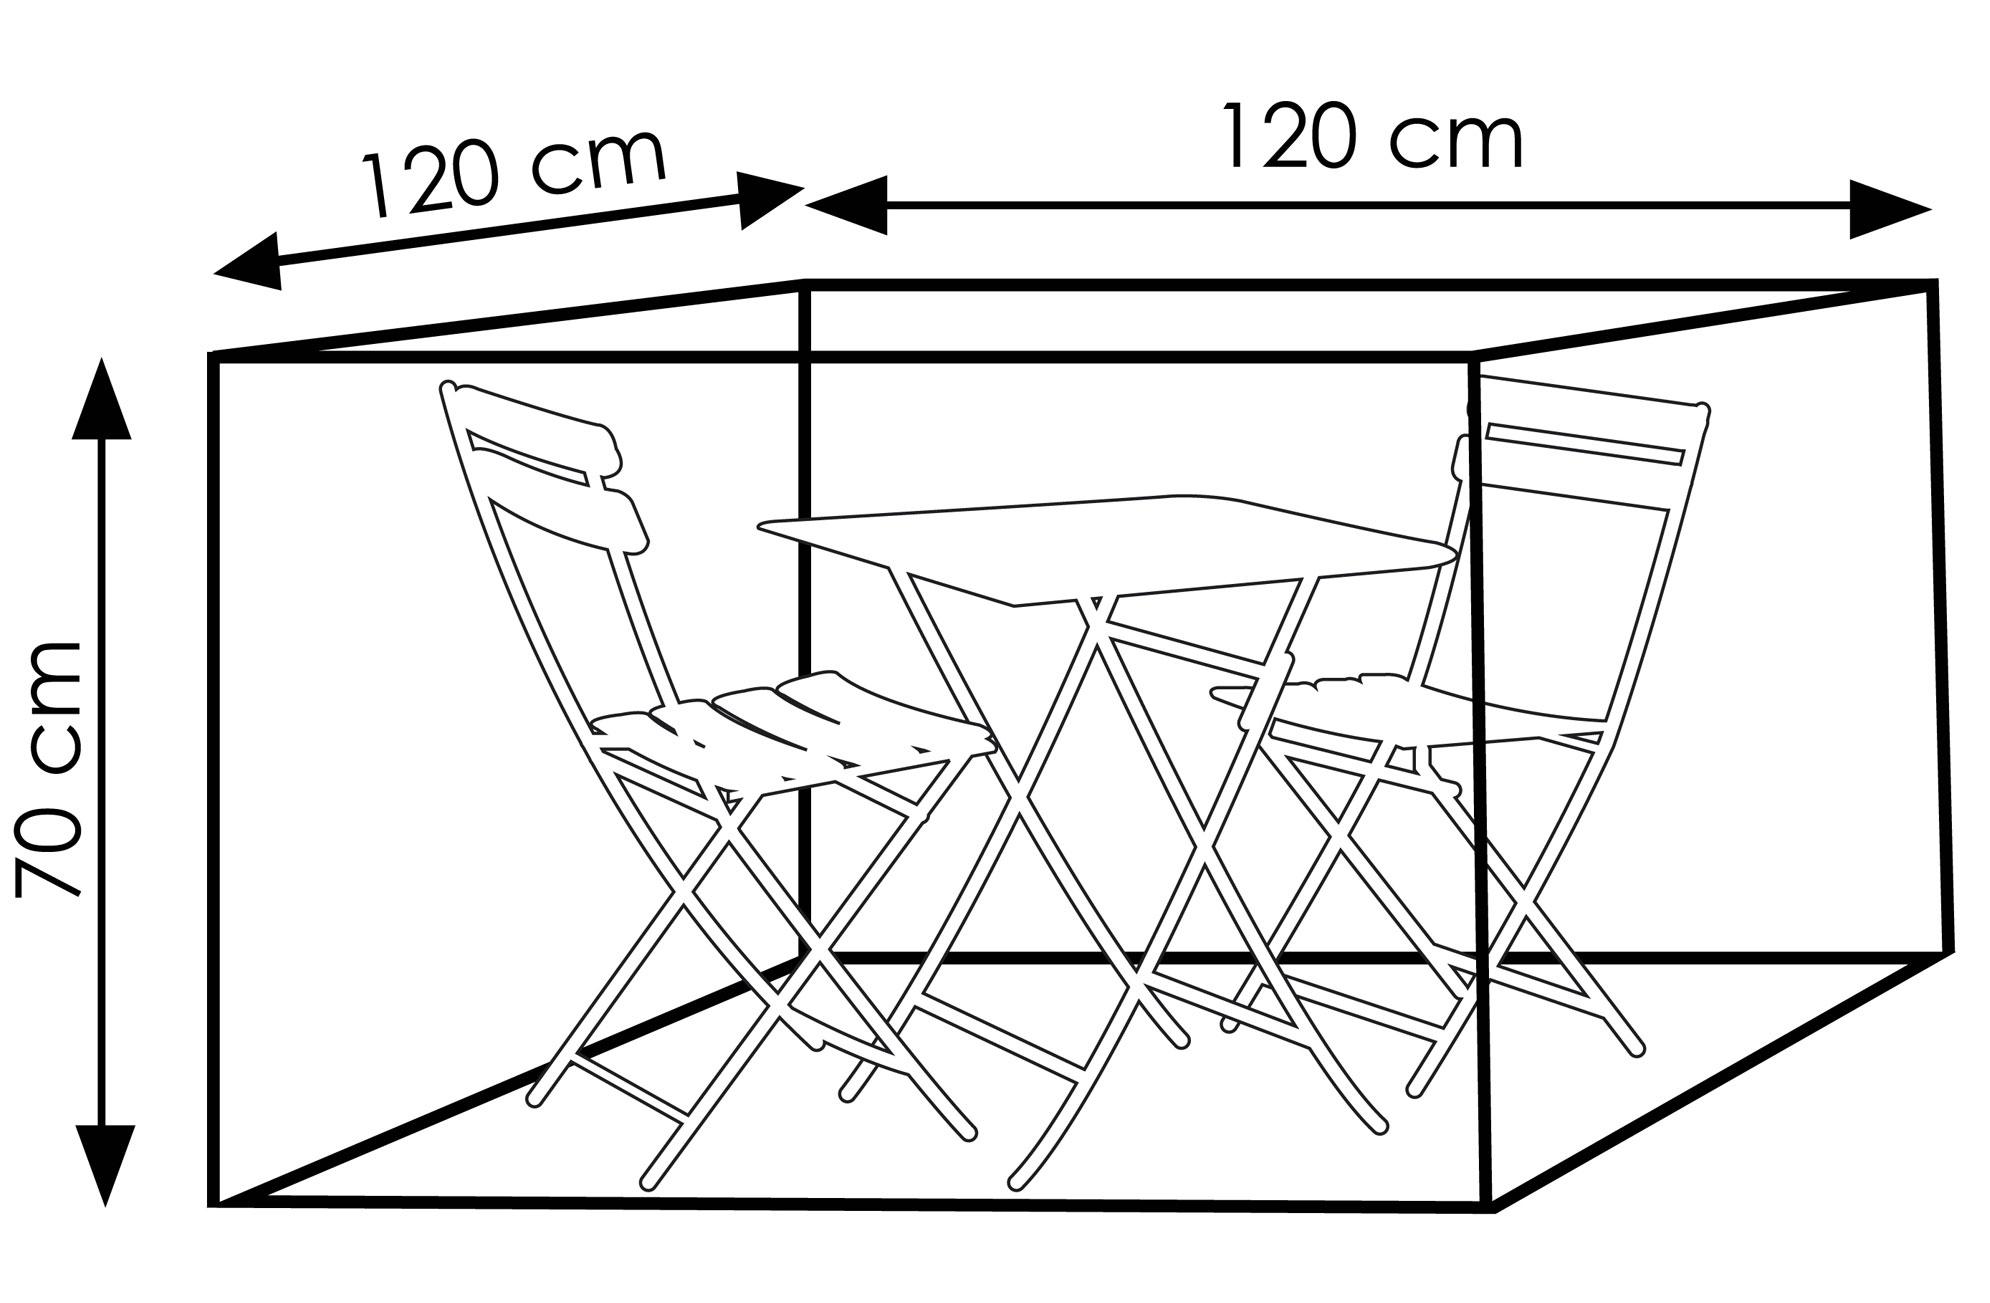 Schutzhülle Wehncke Deluxe für Balkon-Sets 120x120x70cm anthrazit Bild 2